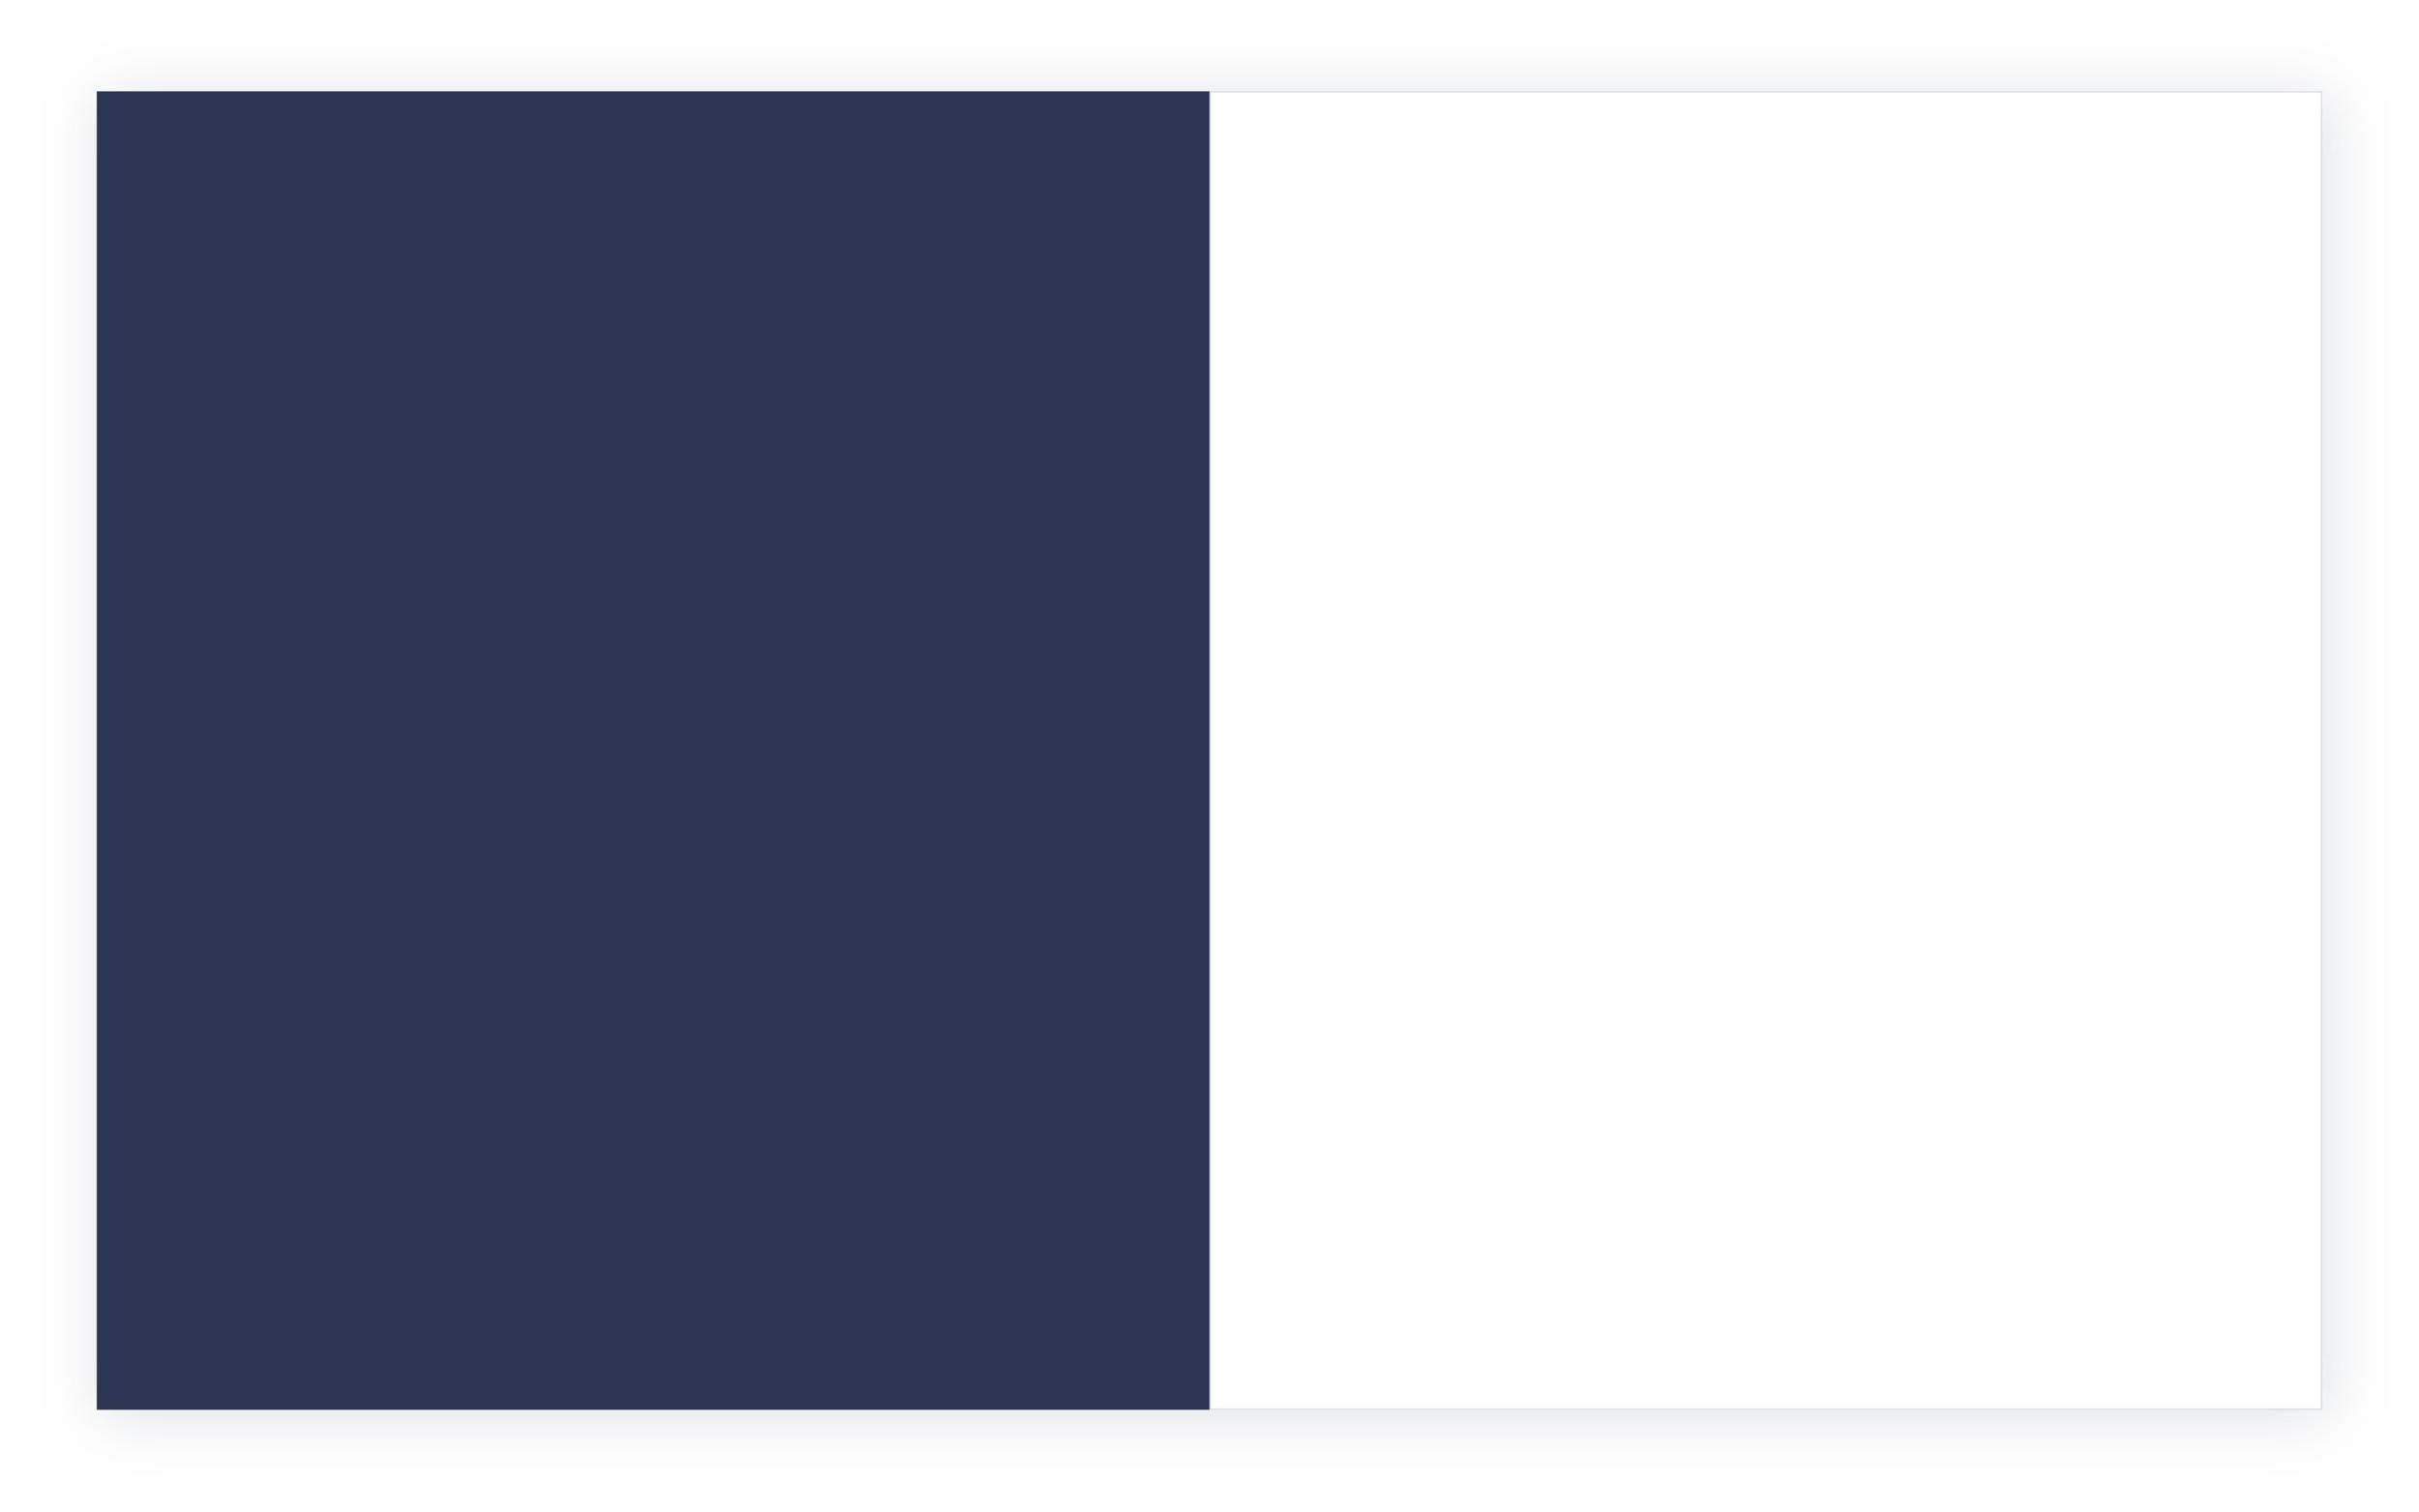 audiosume - visual design - color scheme@2x.png